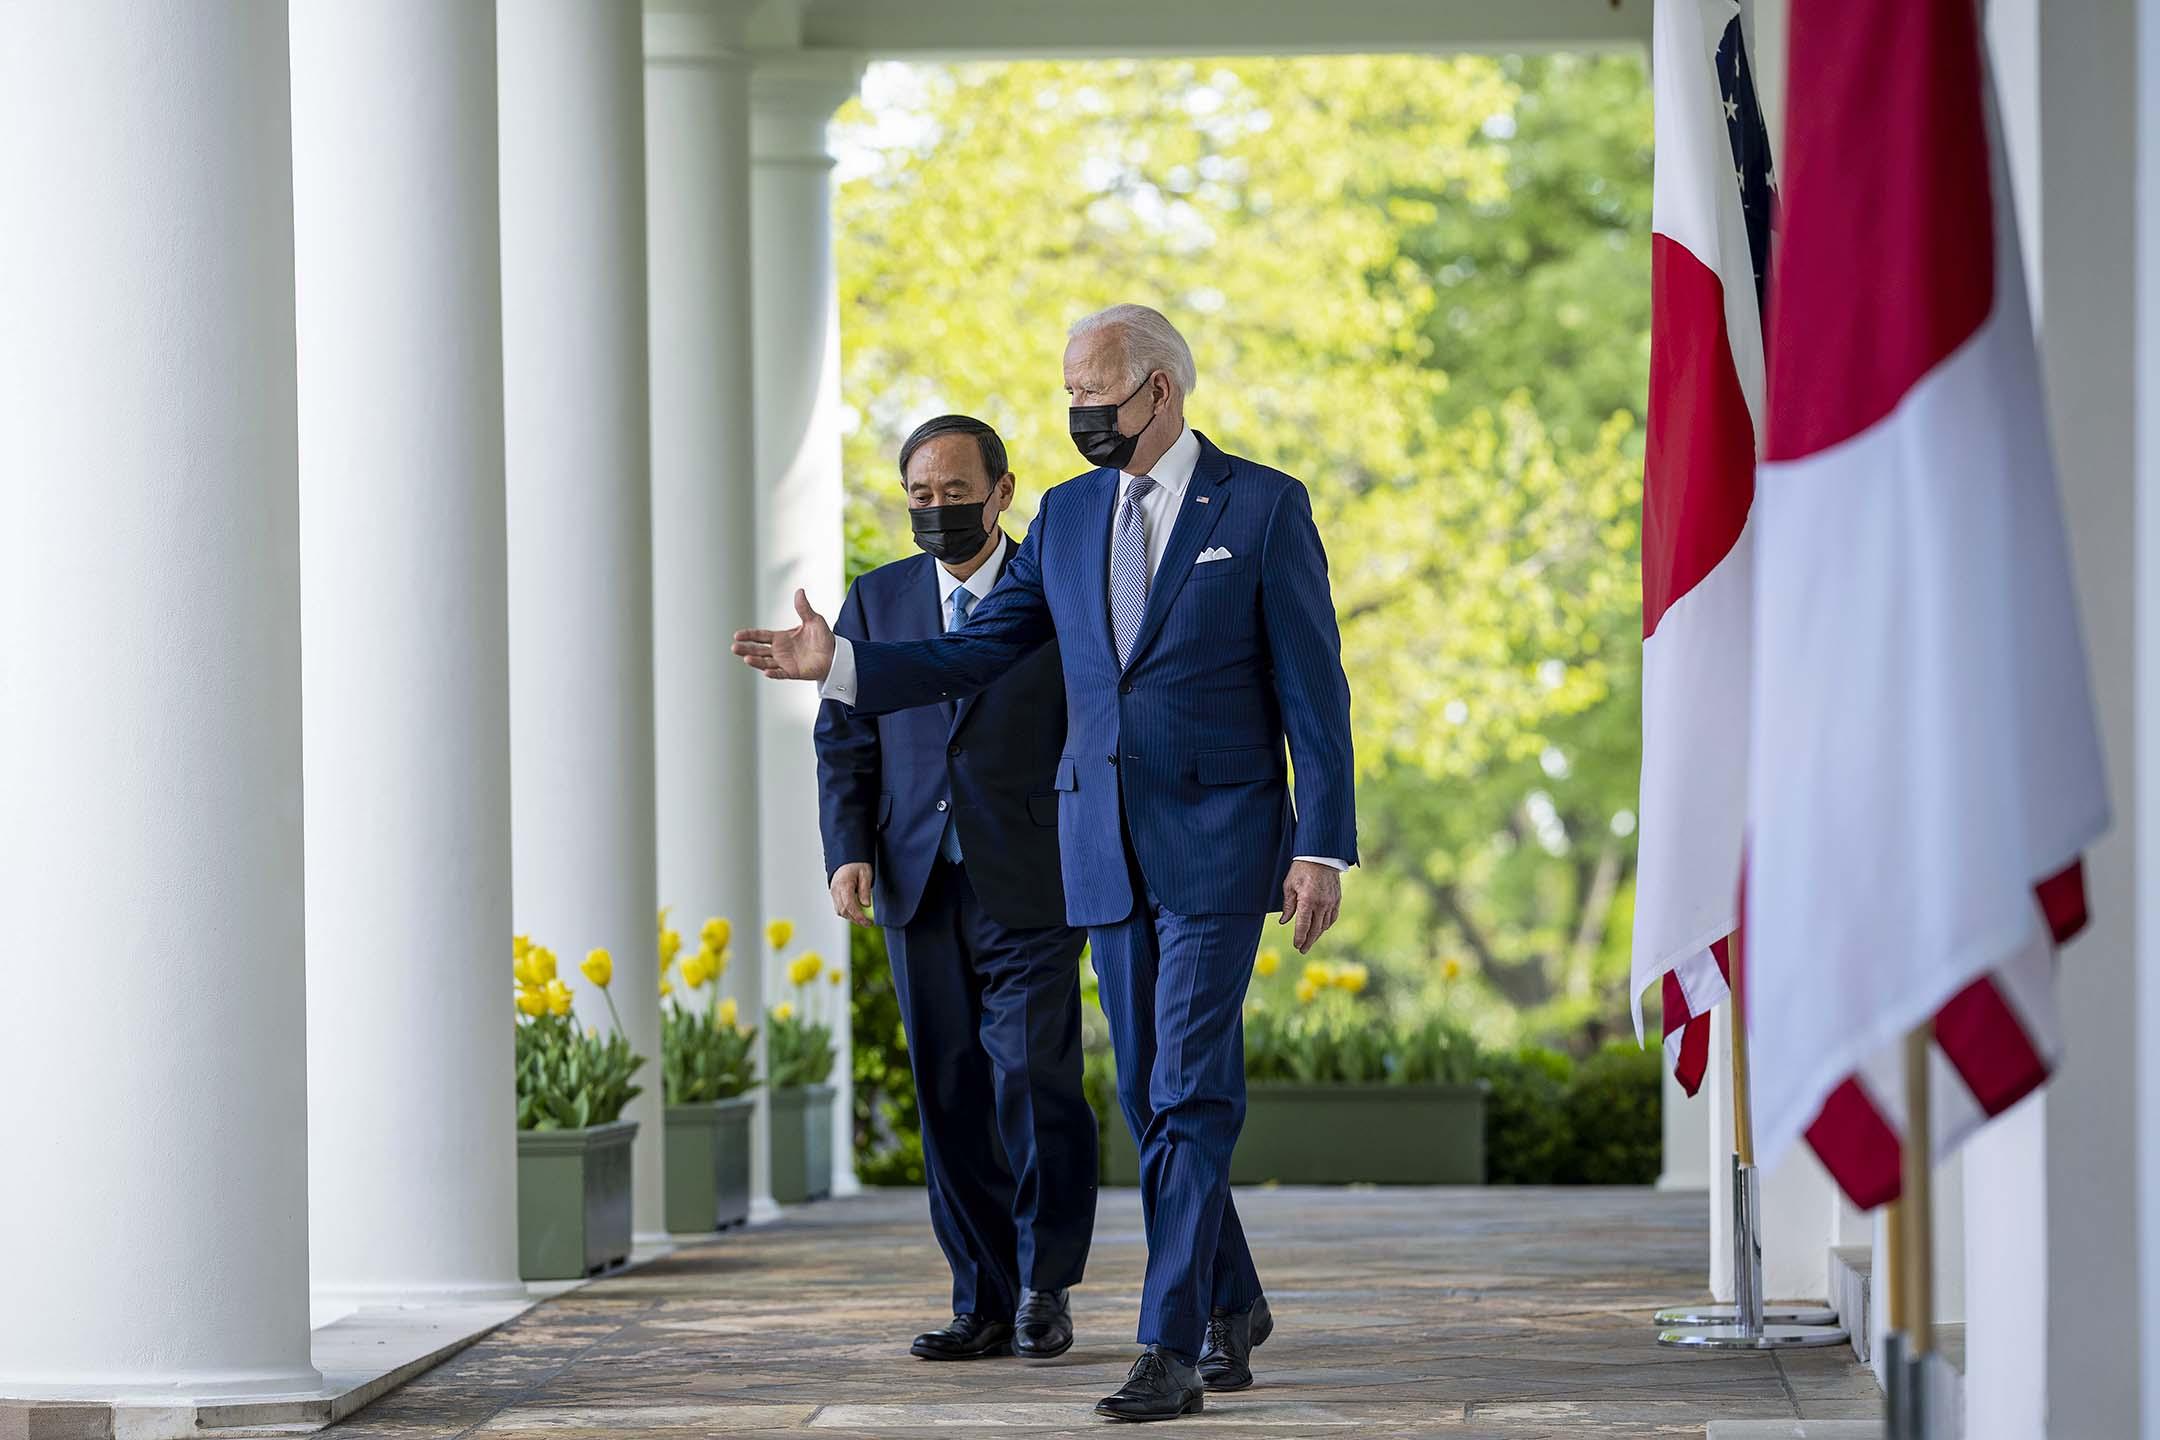 2021年4月16日華盛頓,美國總統拜登和日本首相須賀芳秀在白宮舉行新聞發布會。 攝:Doug Mills-Pool/Getty Images